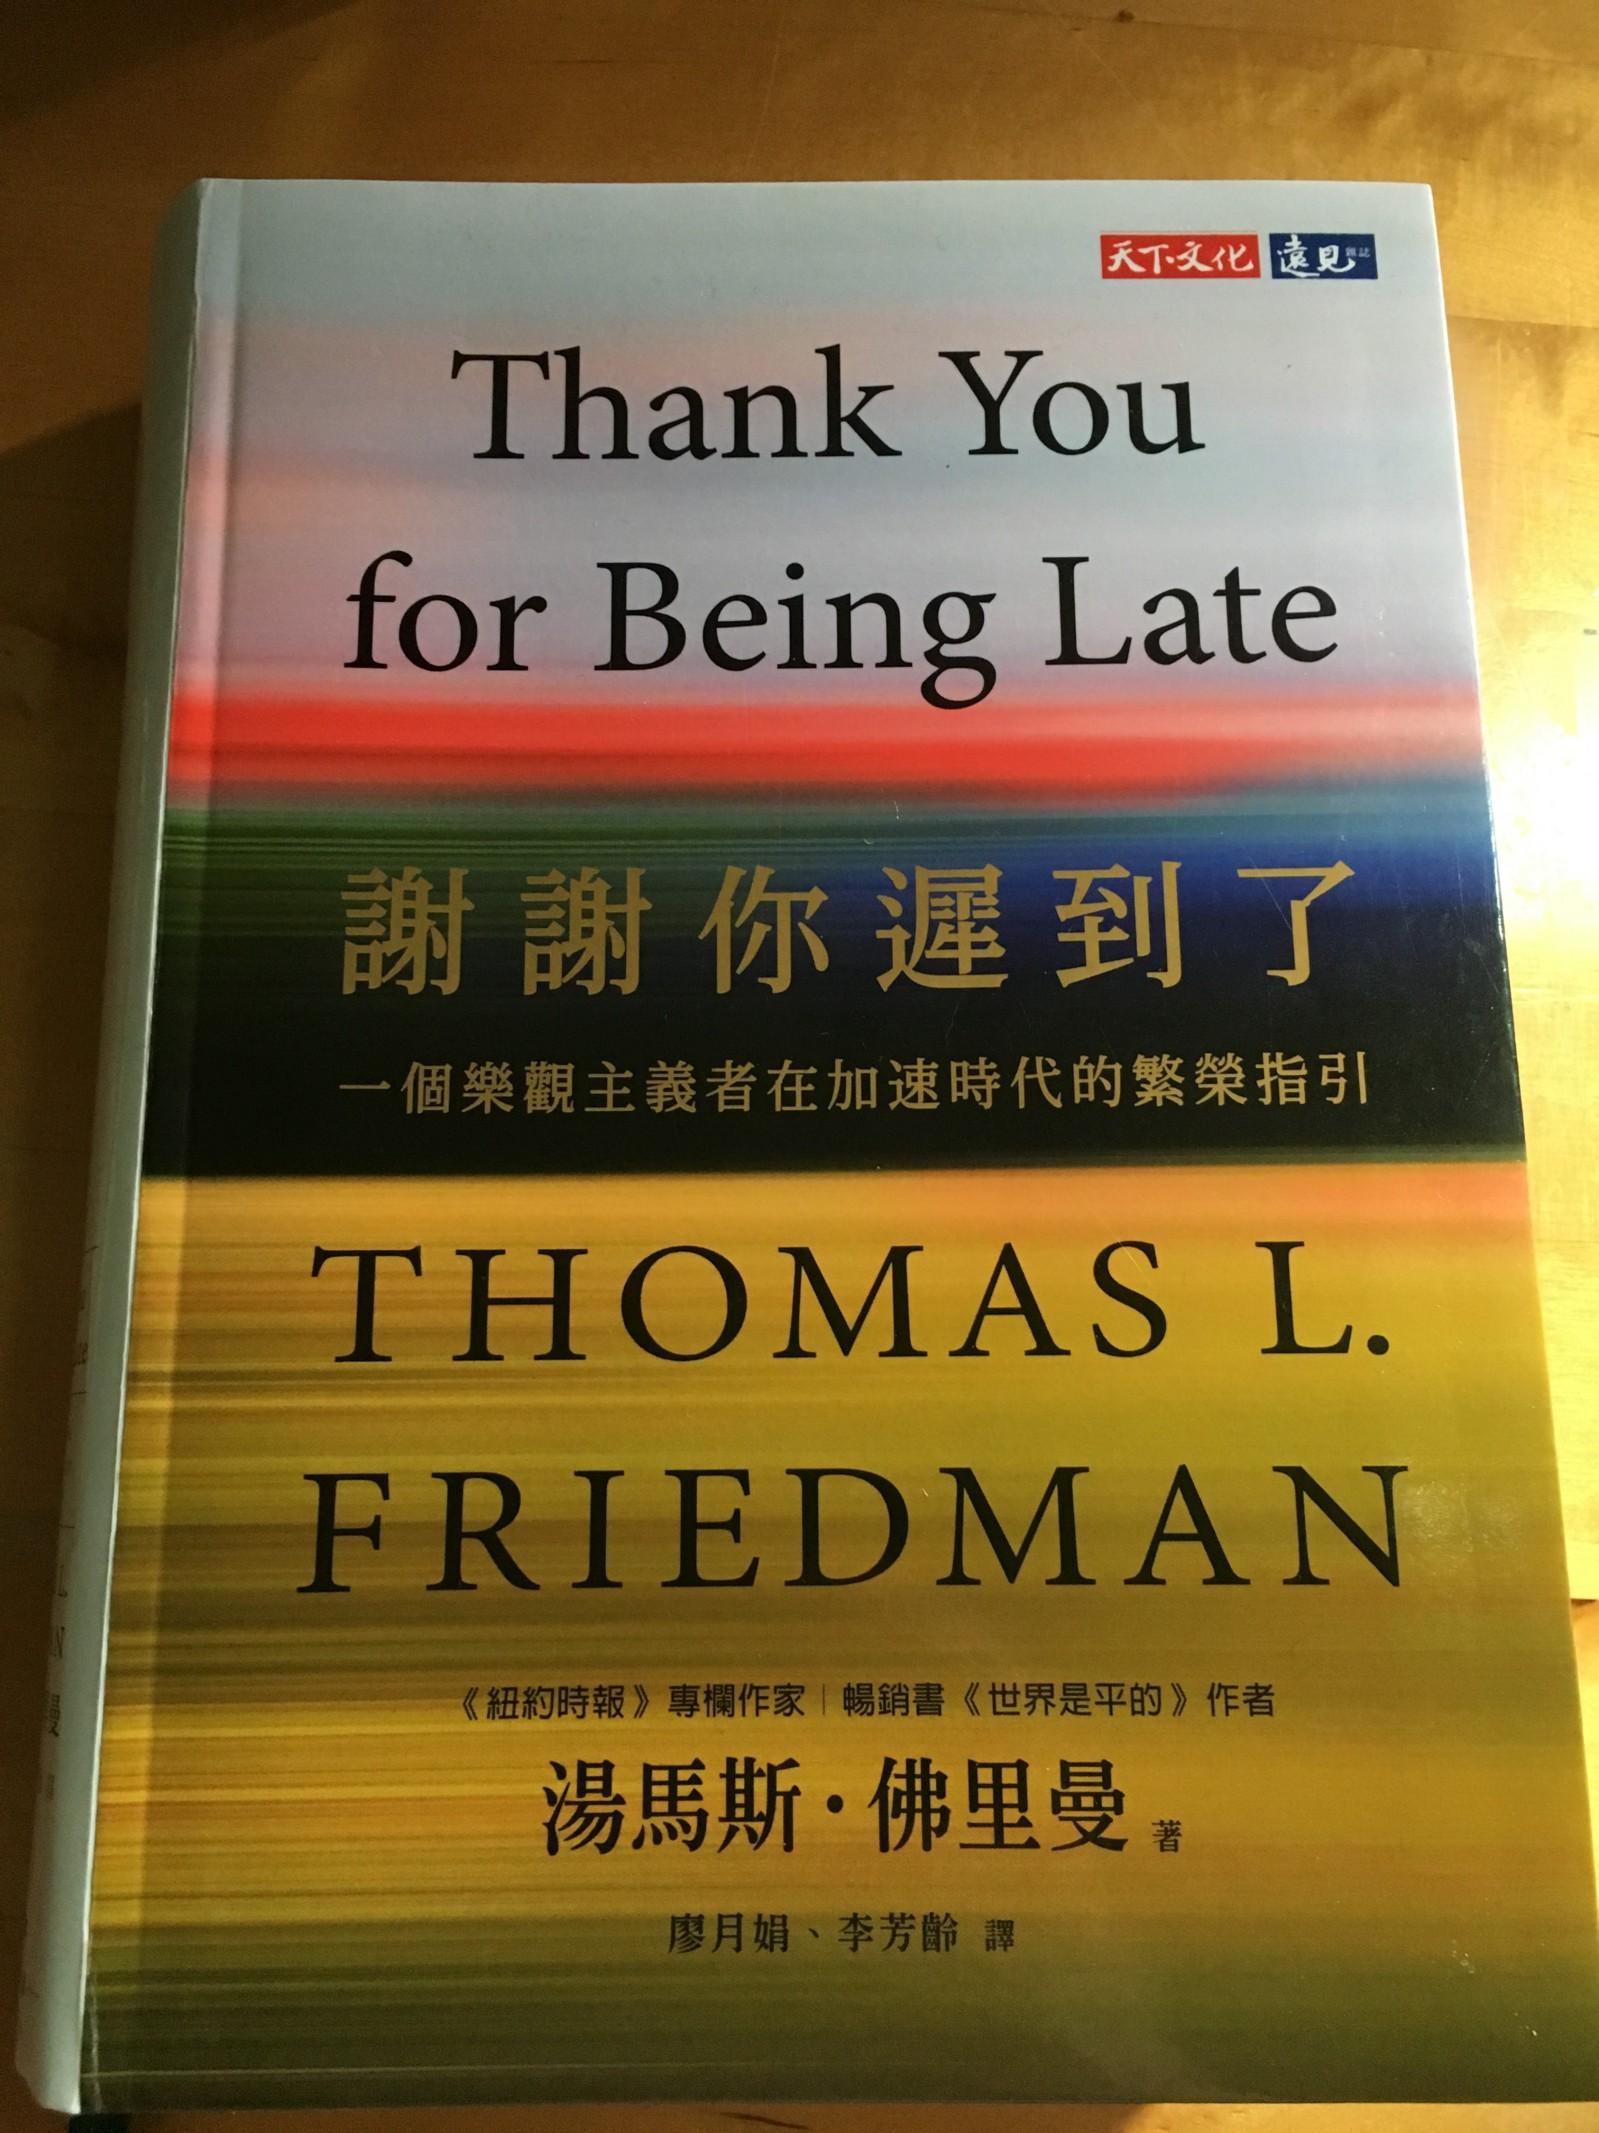 2017 觀察定調與書摘,我看『人類大命運』,『謝謝你遲到了』 @東南亞投資報告